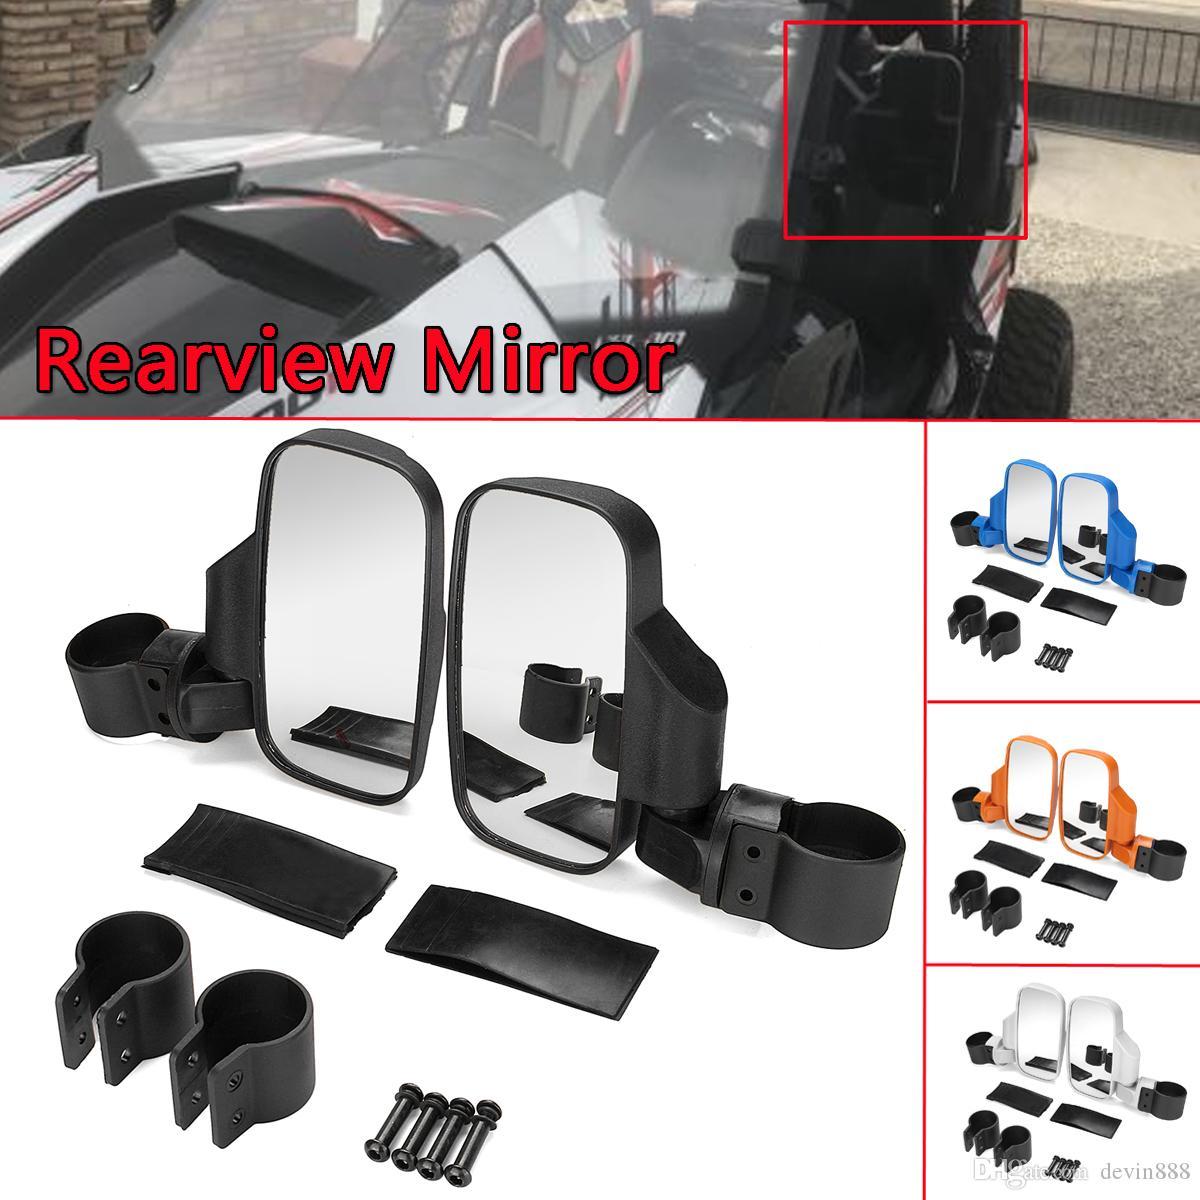 1pair универсальный мотоцикл зеркала заднего вида велосипед черный круглый для Polaris 800/900/1000 UTV Side View Mirror